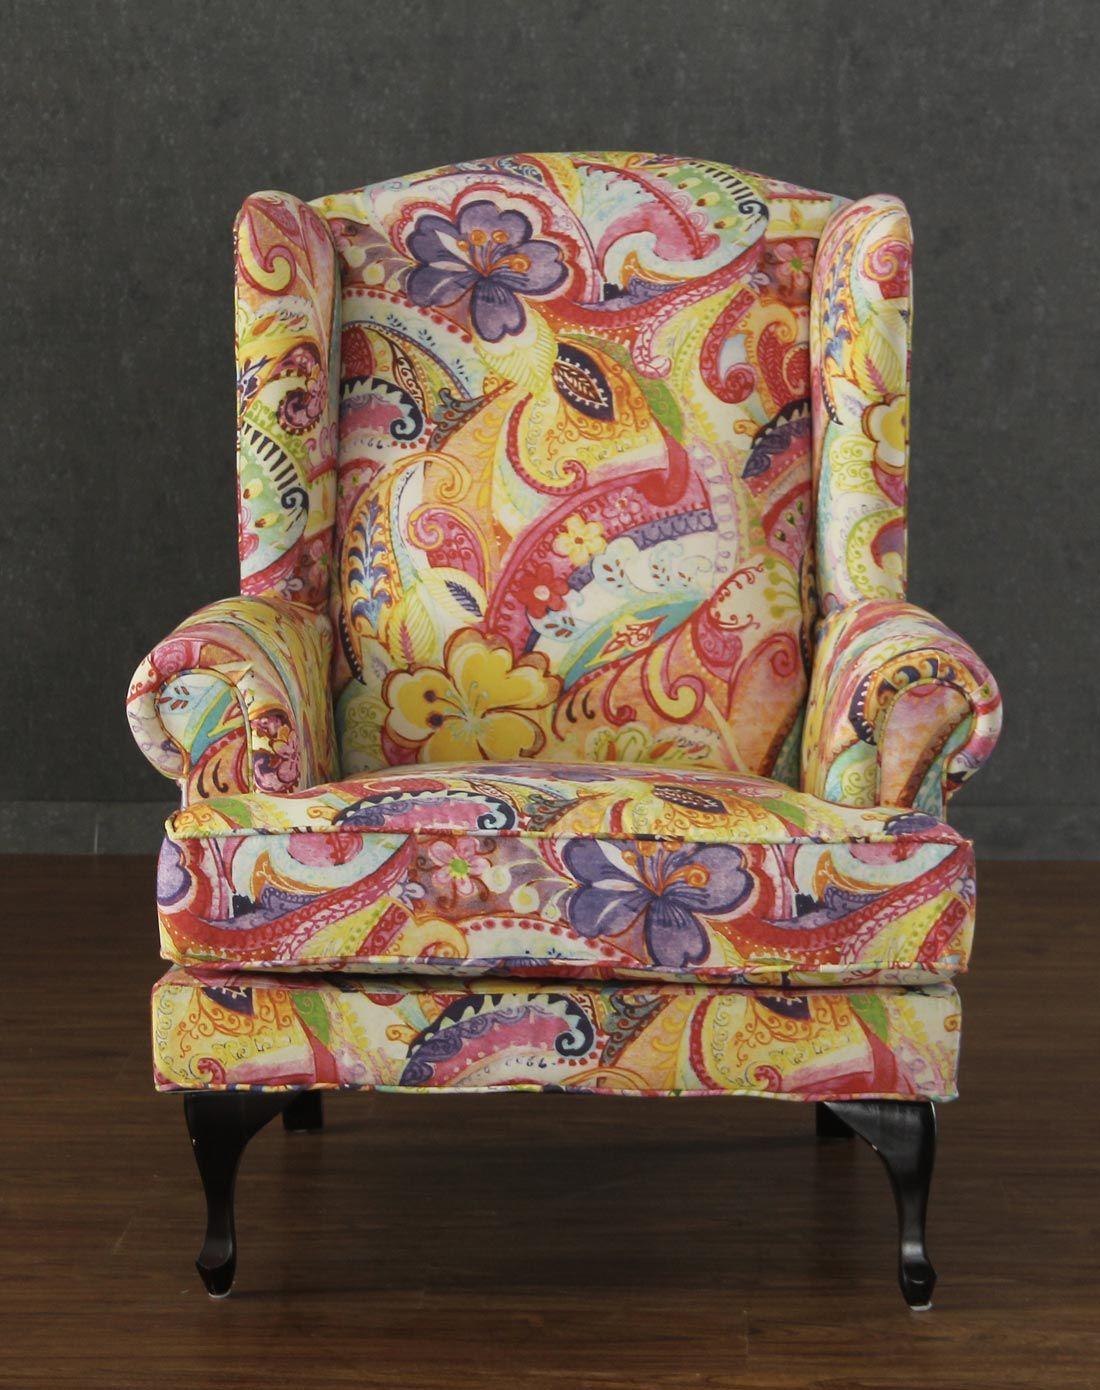 欧式老虎椅单人沙发-2款可选